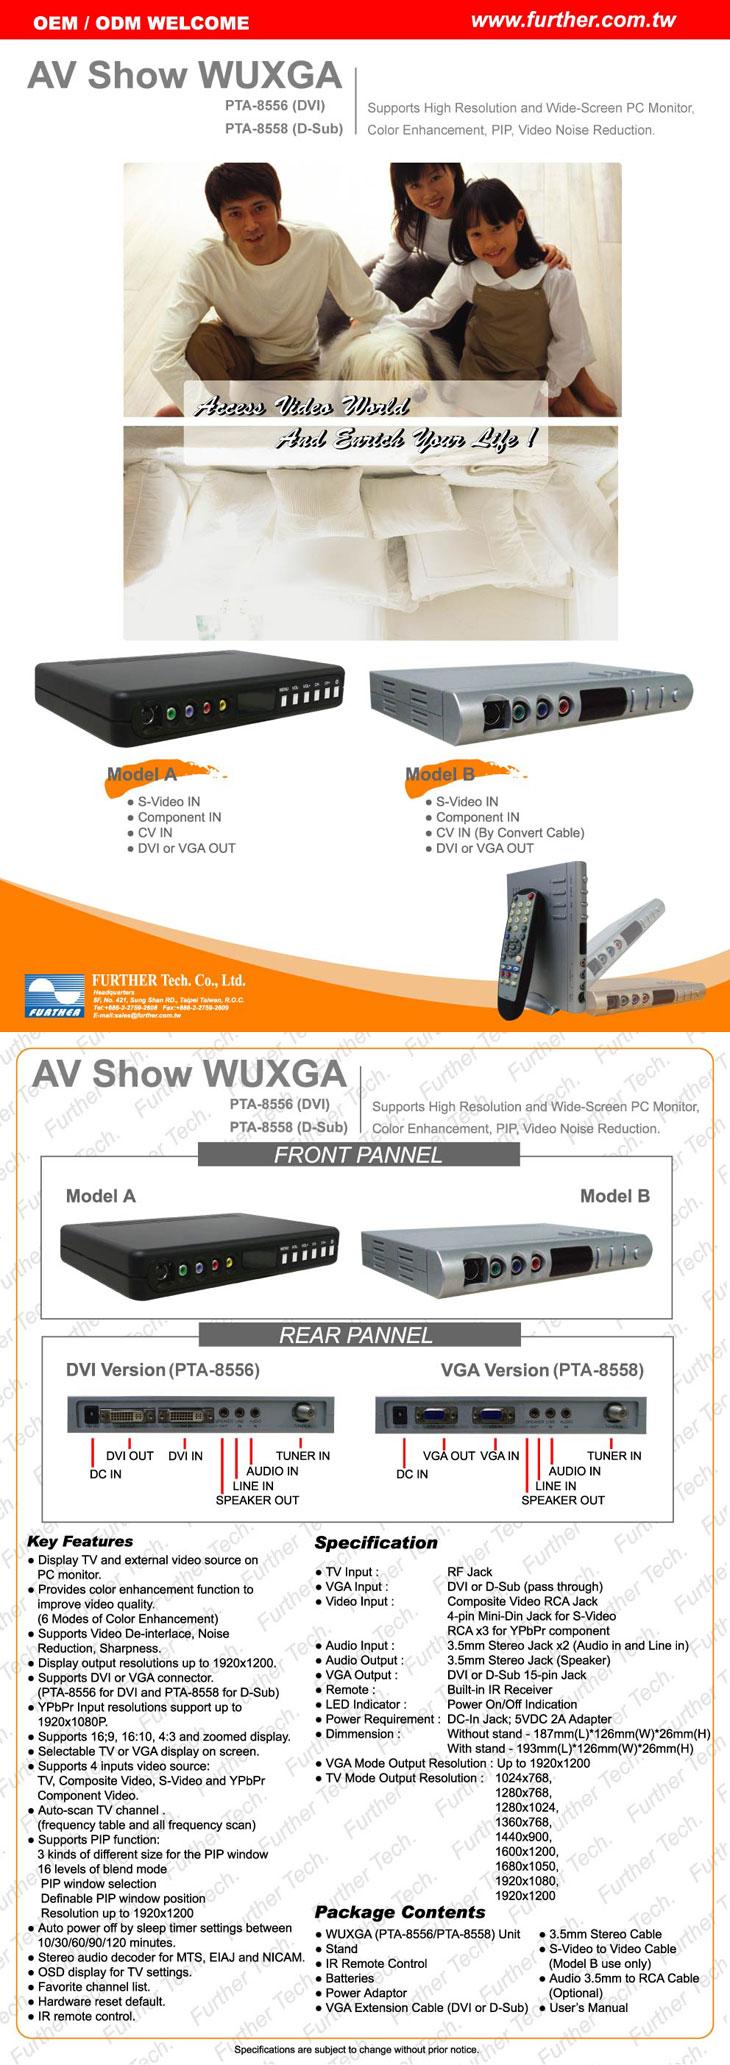 AV Show WUXGA